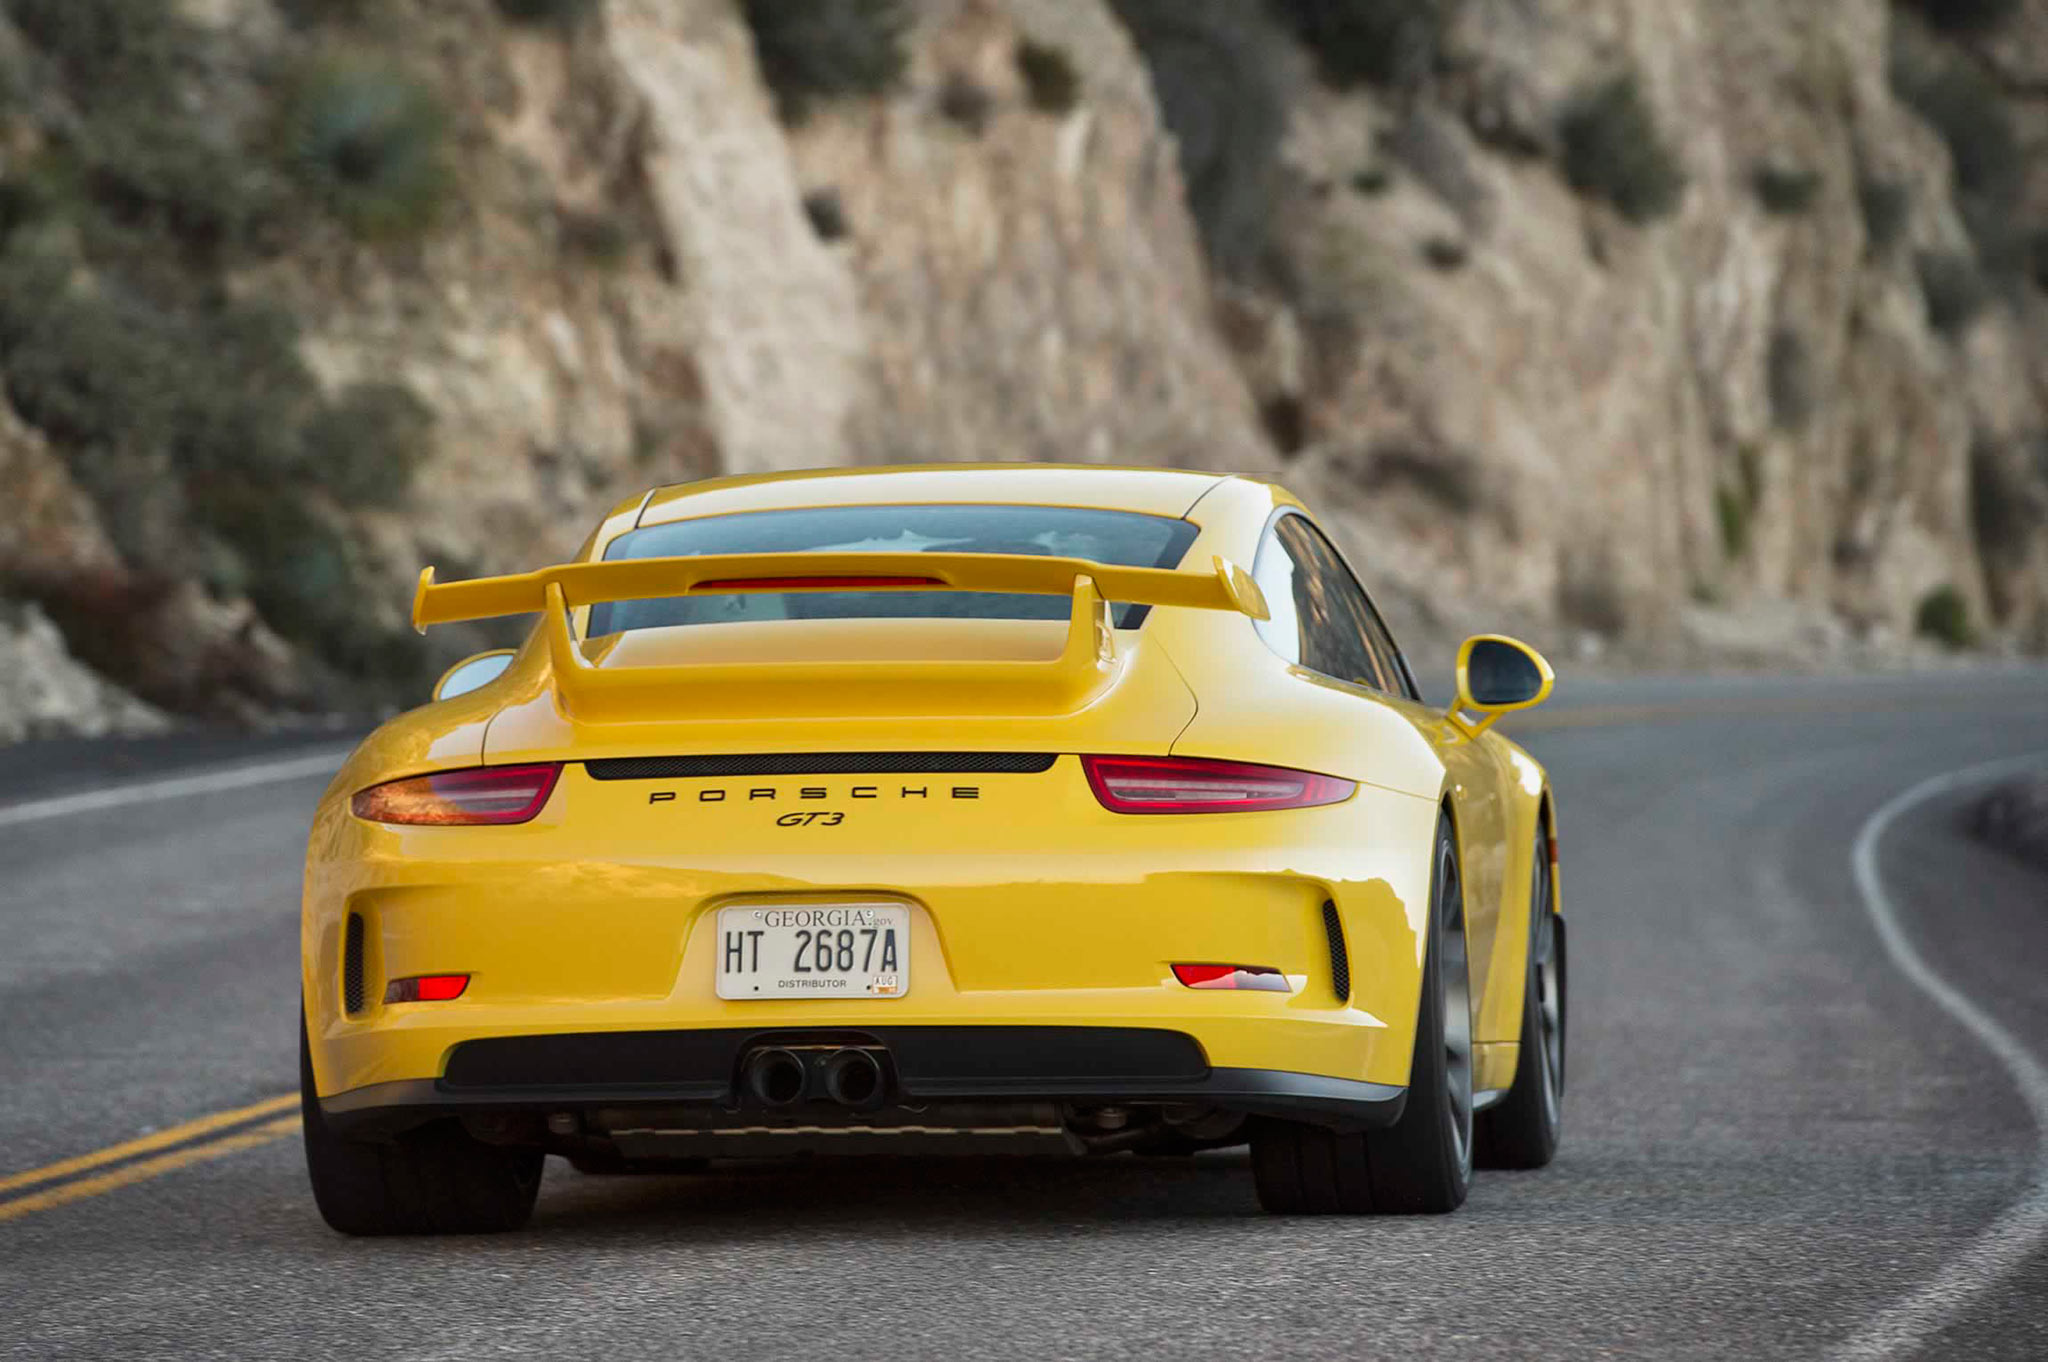 02 2015 porsche 911 gt3 review - Porsche 911 Gt3 2015